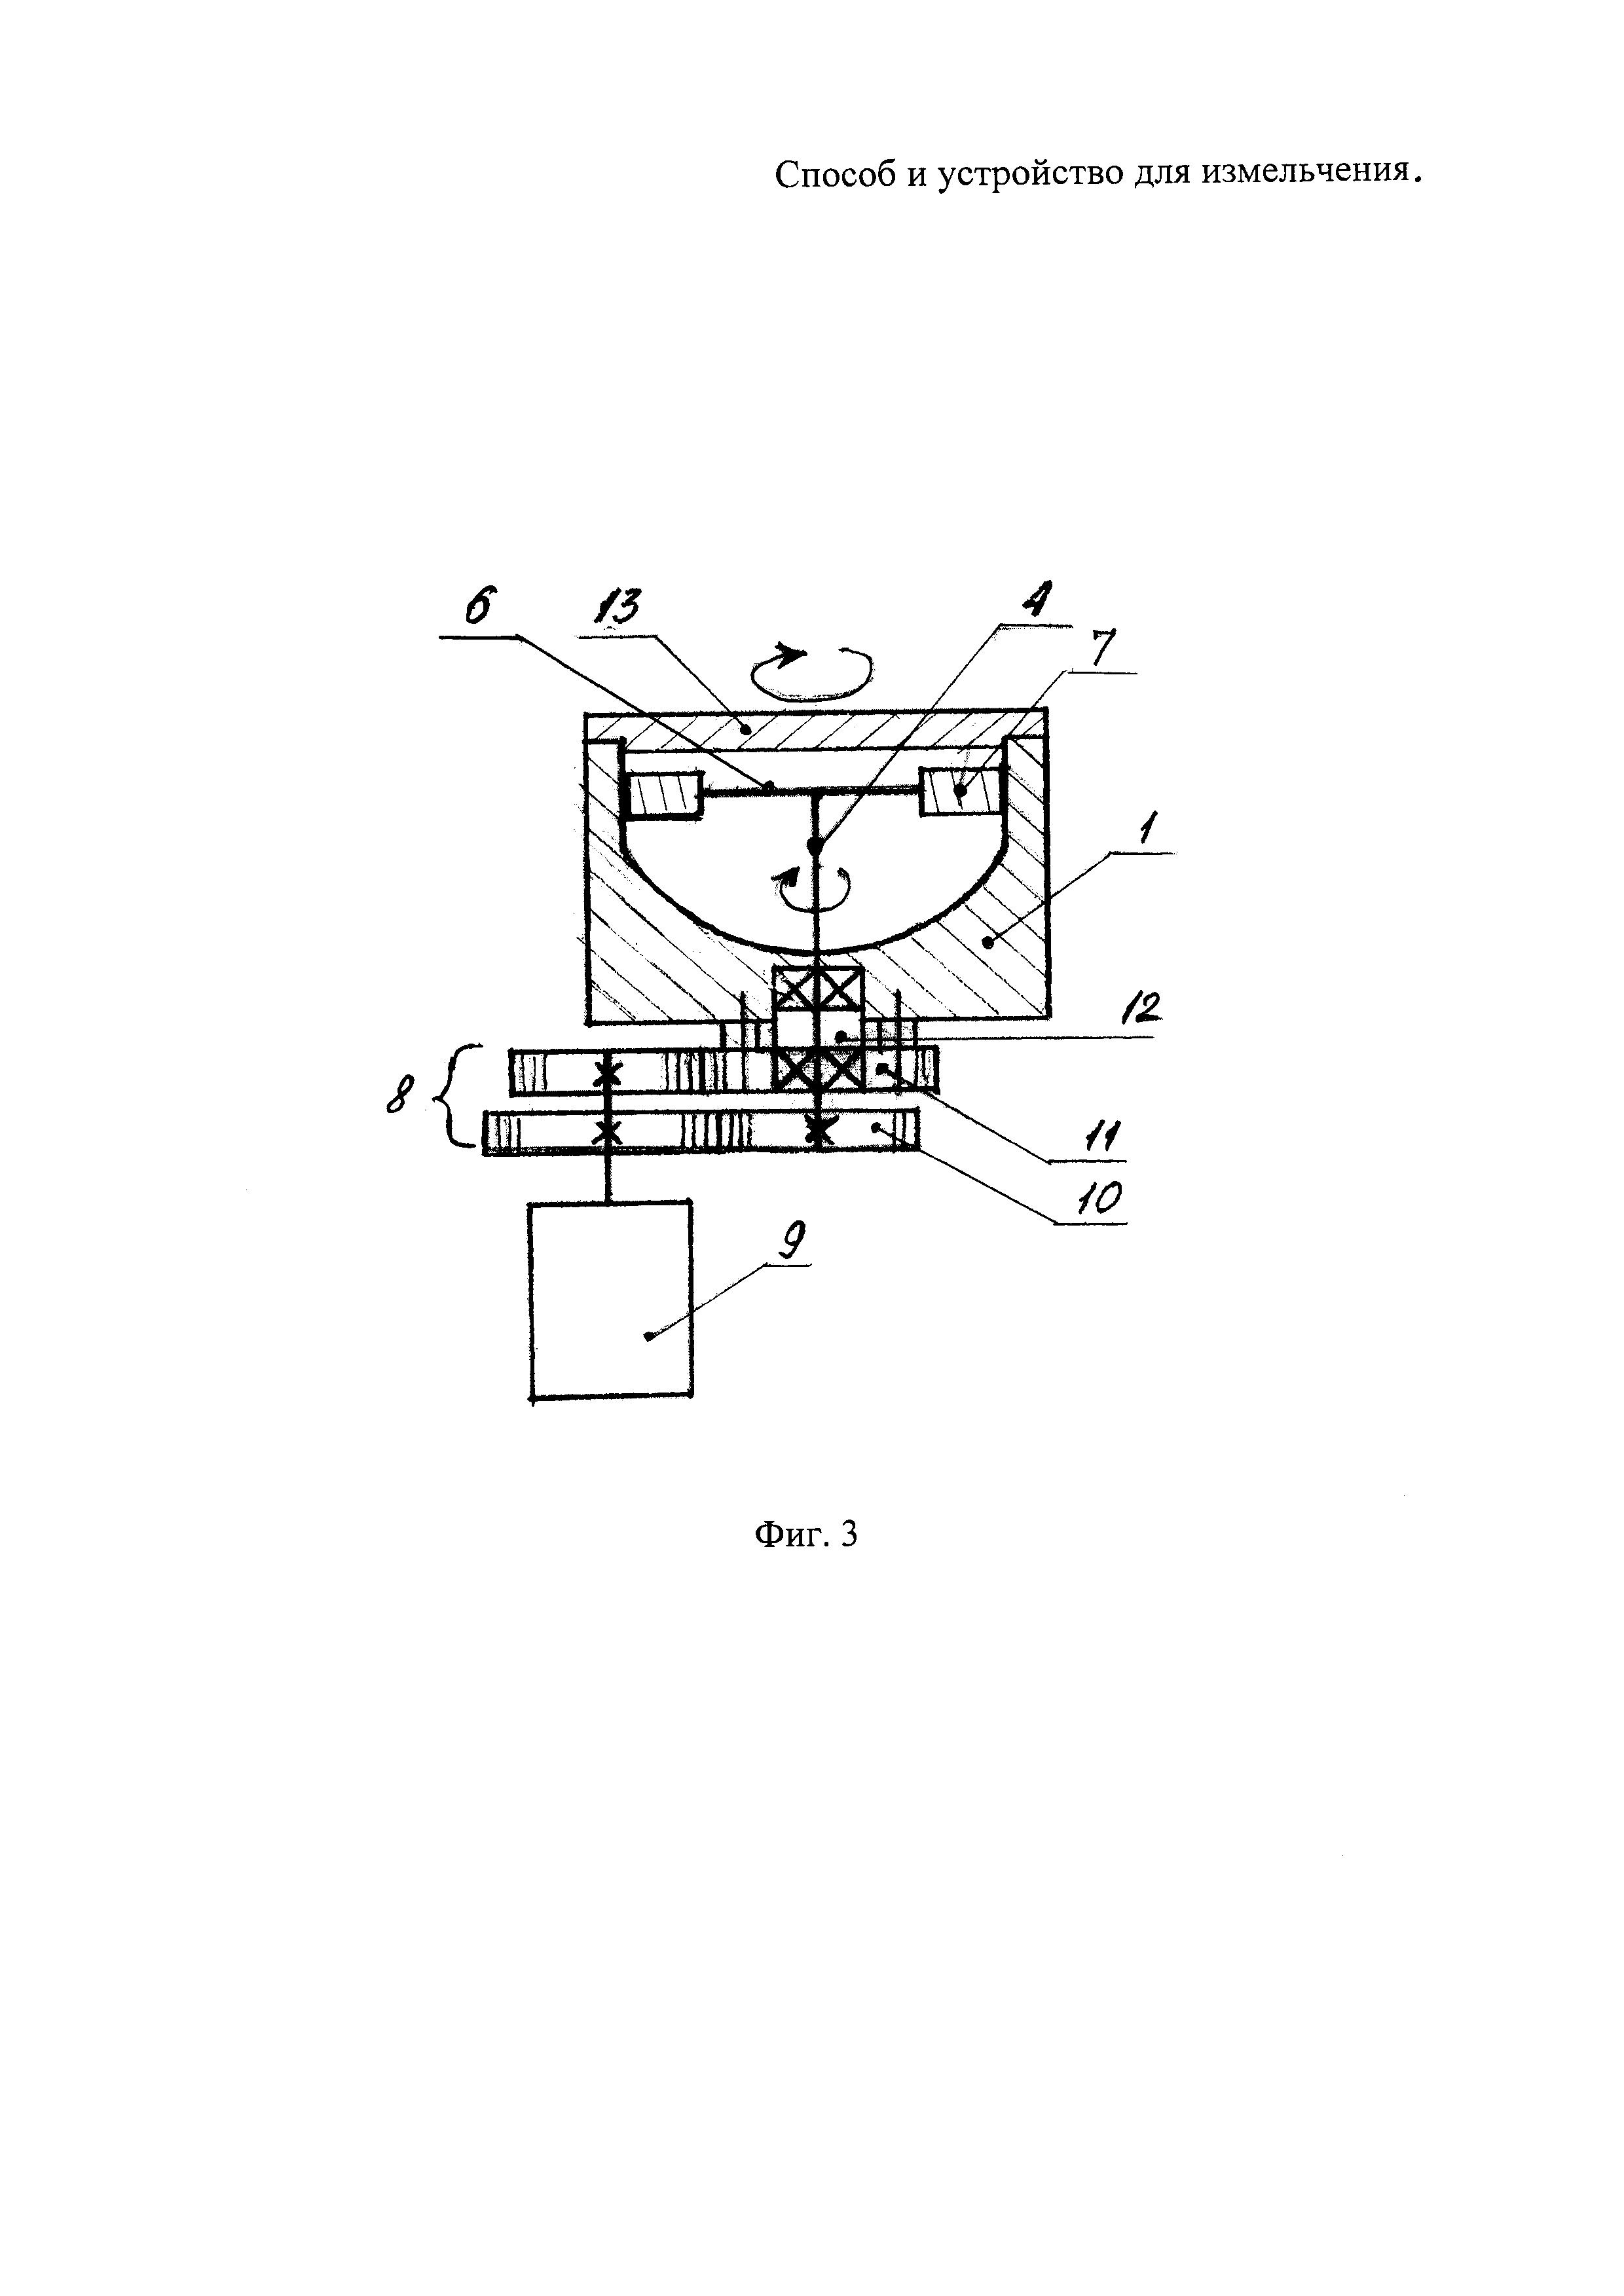 Способ и устройство для измельчения сыпучих материалов